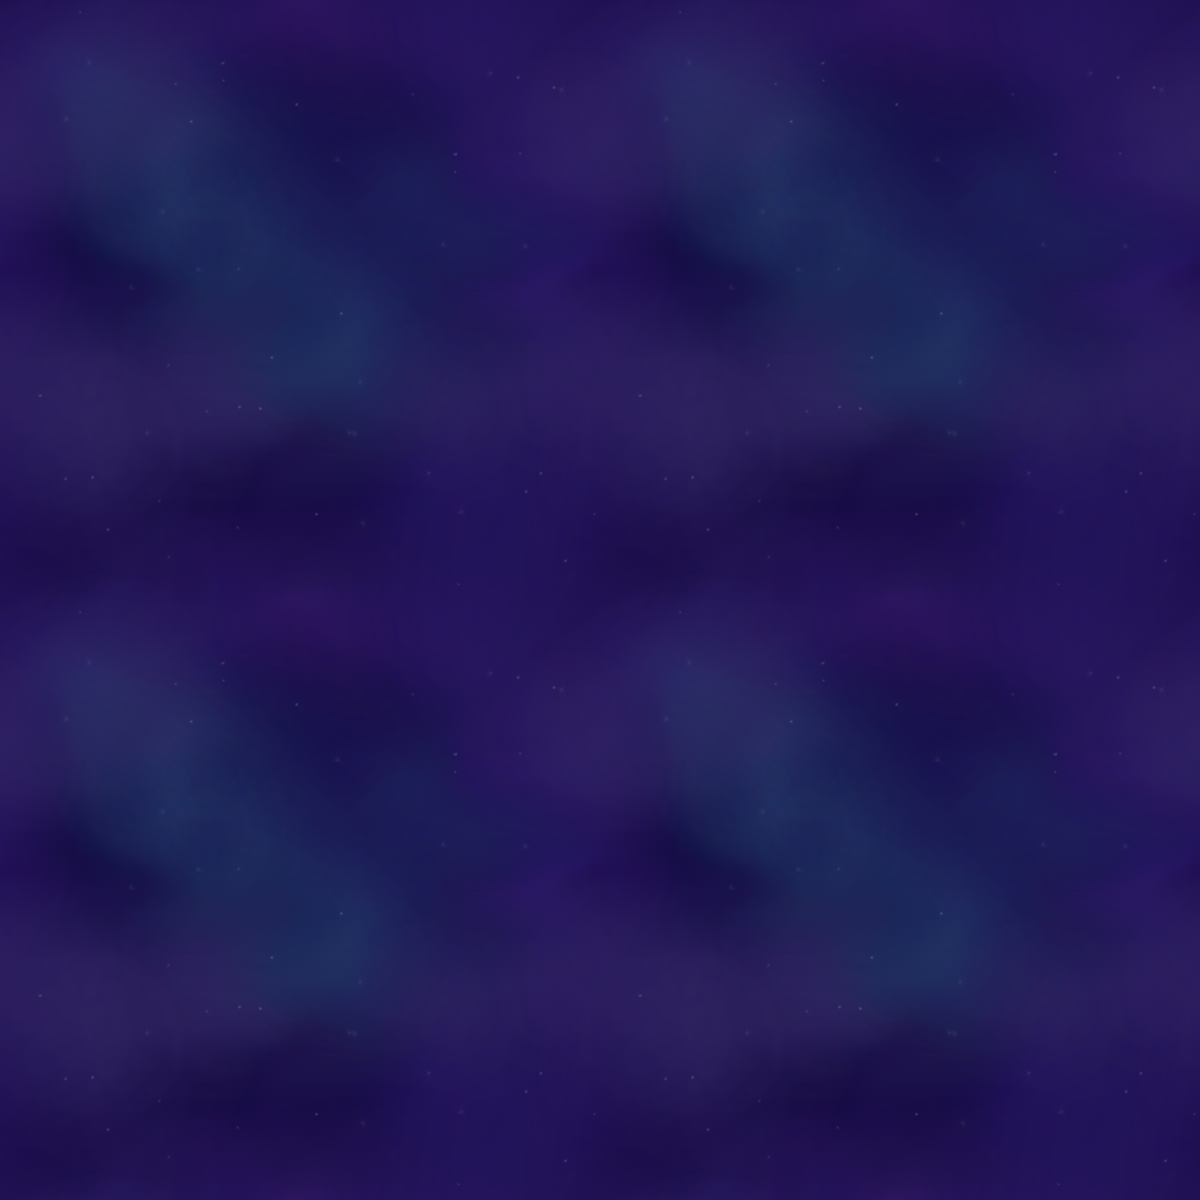 Unendlichen Hintergrund erstellen Endlos2-8